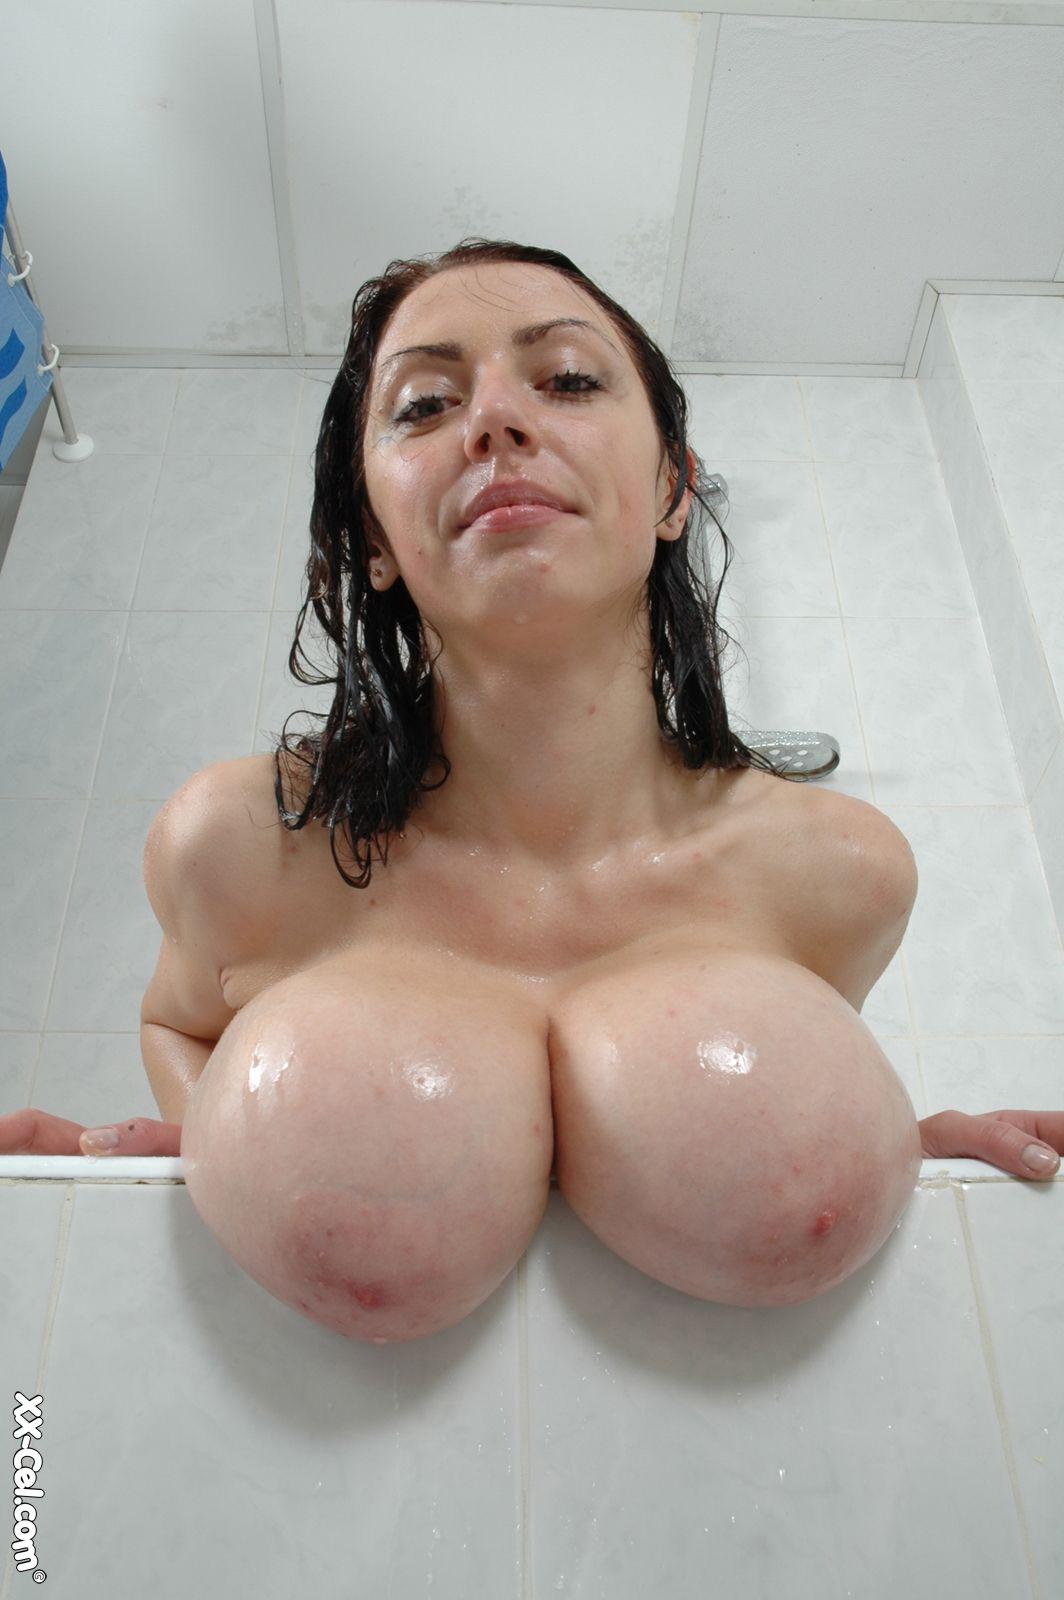 Смотреть как выглядят очень красивые девушки голые очень большая грудь десятый размер груди 1 фотография